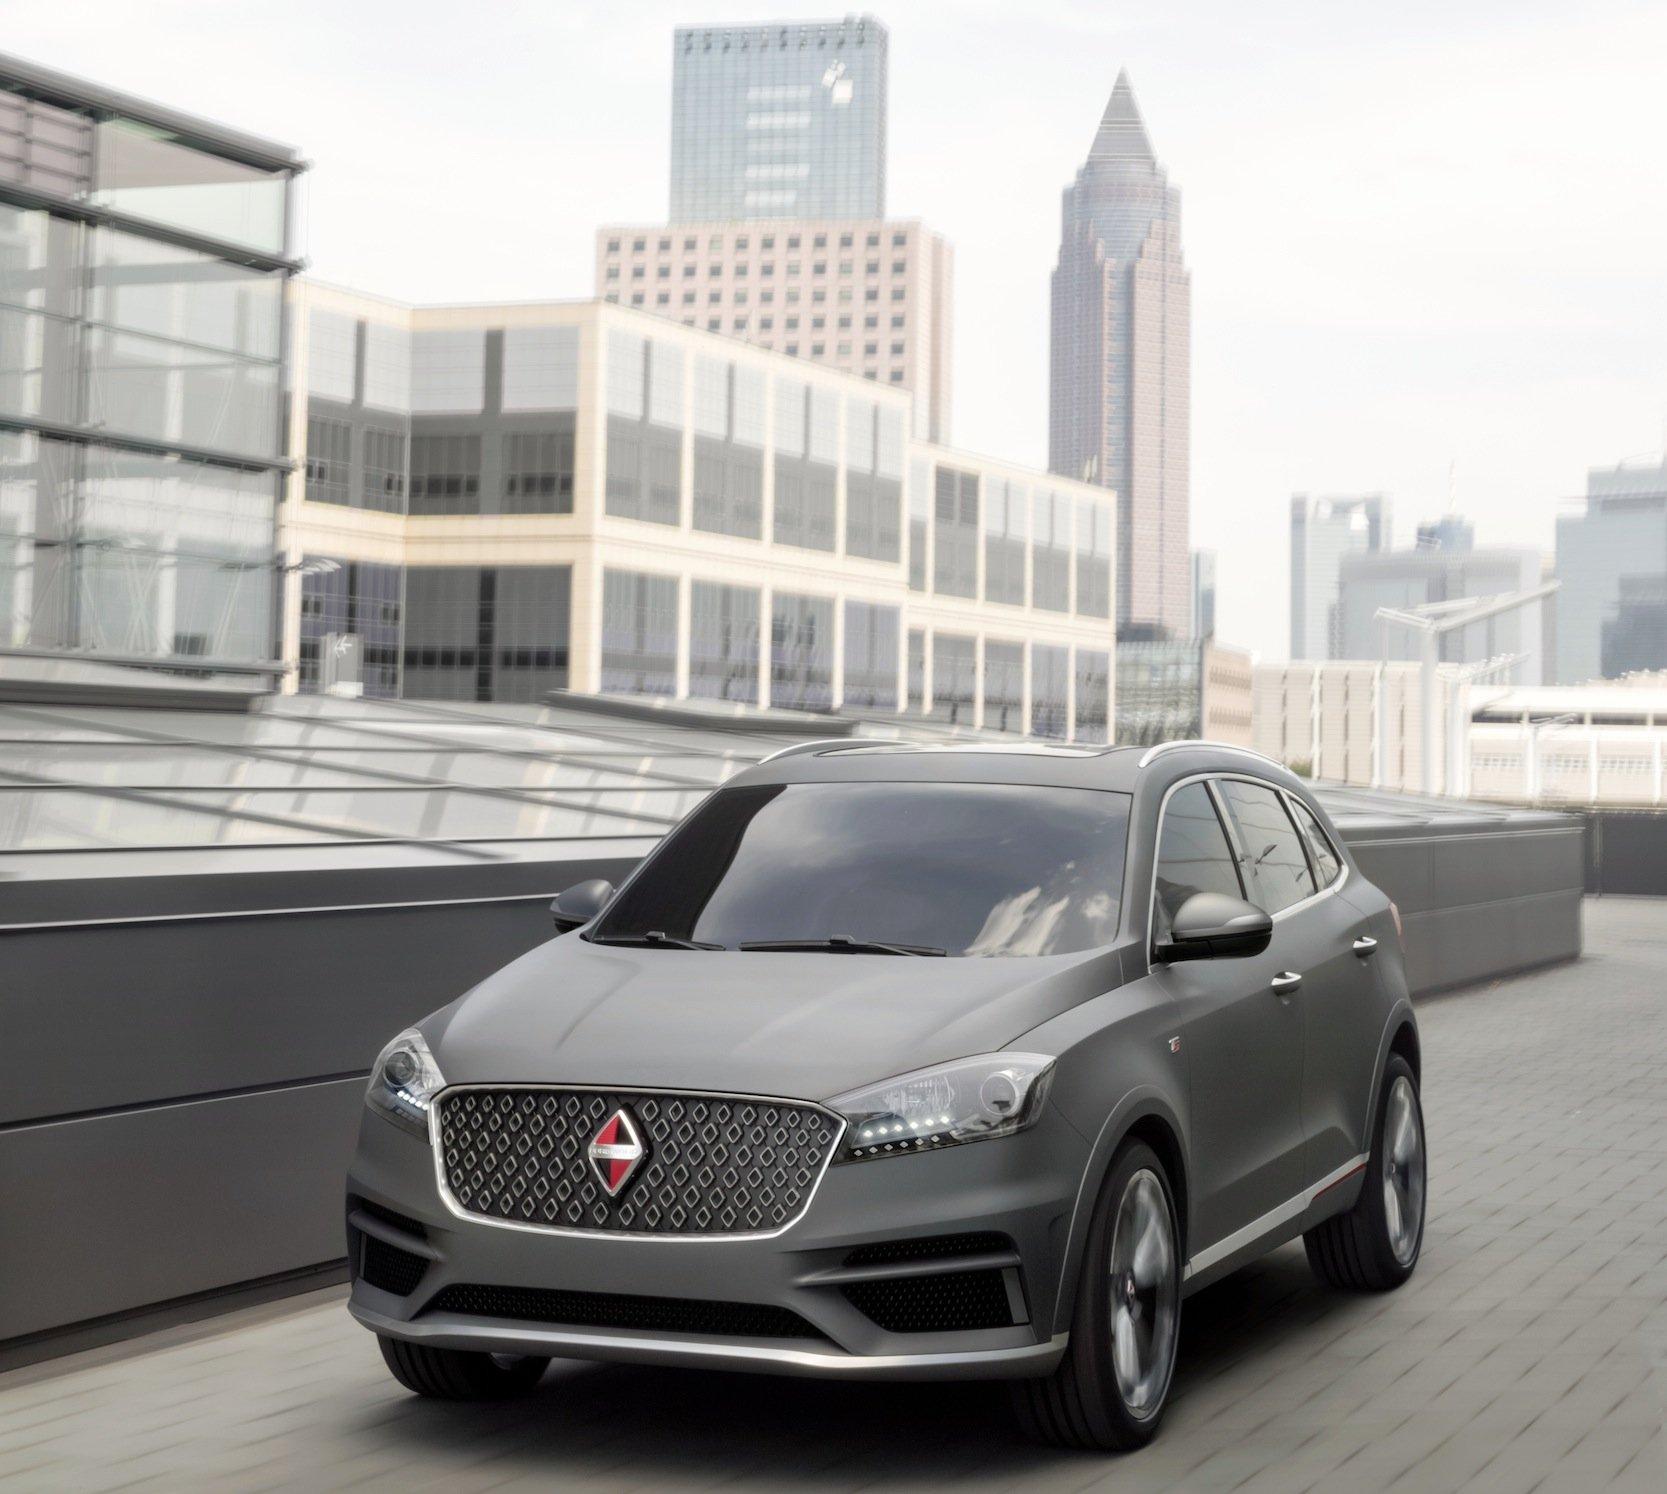 Eine Elektroversion des SUV BX7 will Borgward künftig in Bremen aus vorgefertigten Bausätzen montieren, die in China hergestellt werden.